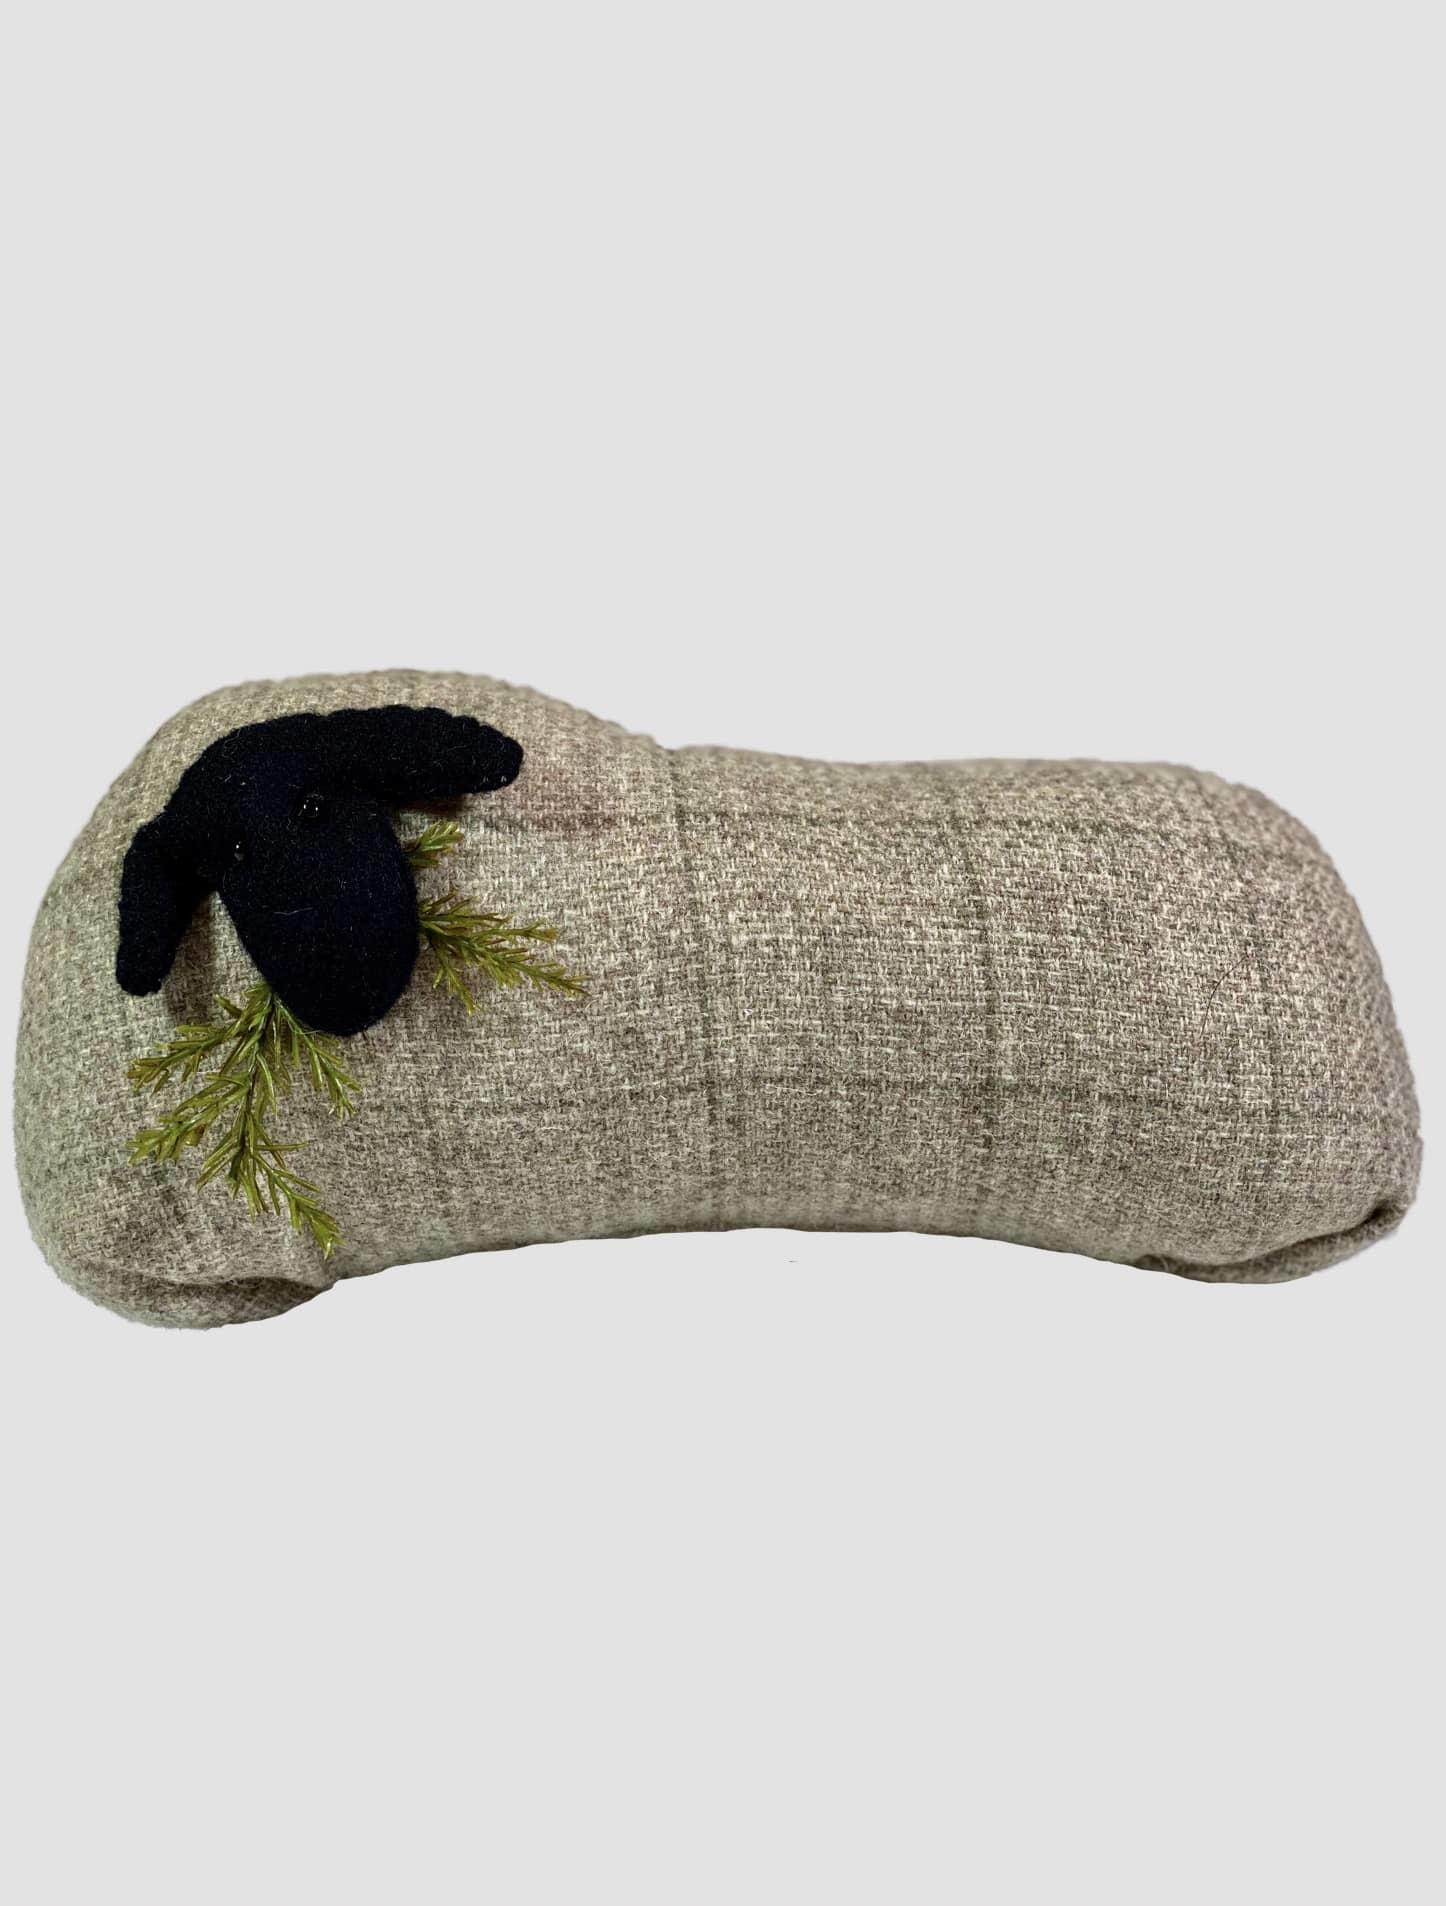 Nana's Farmhouse Ewe Long Pillow Grey Plaid